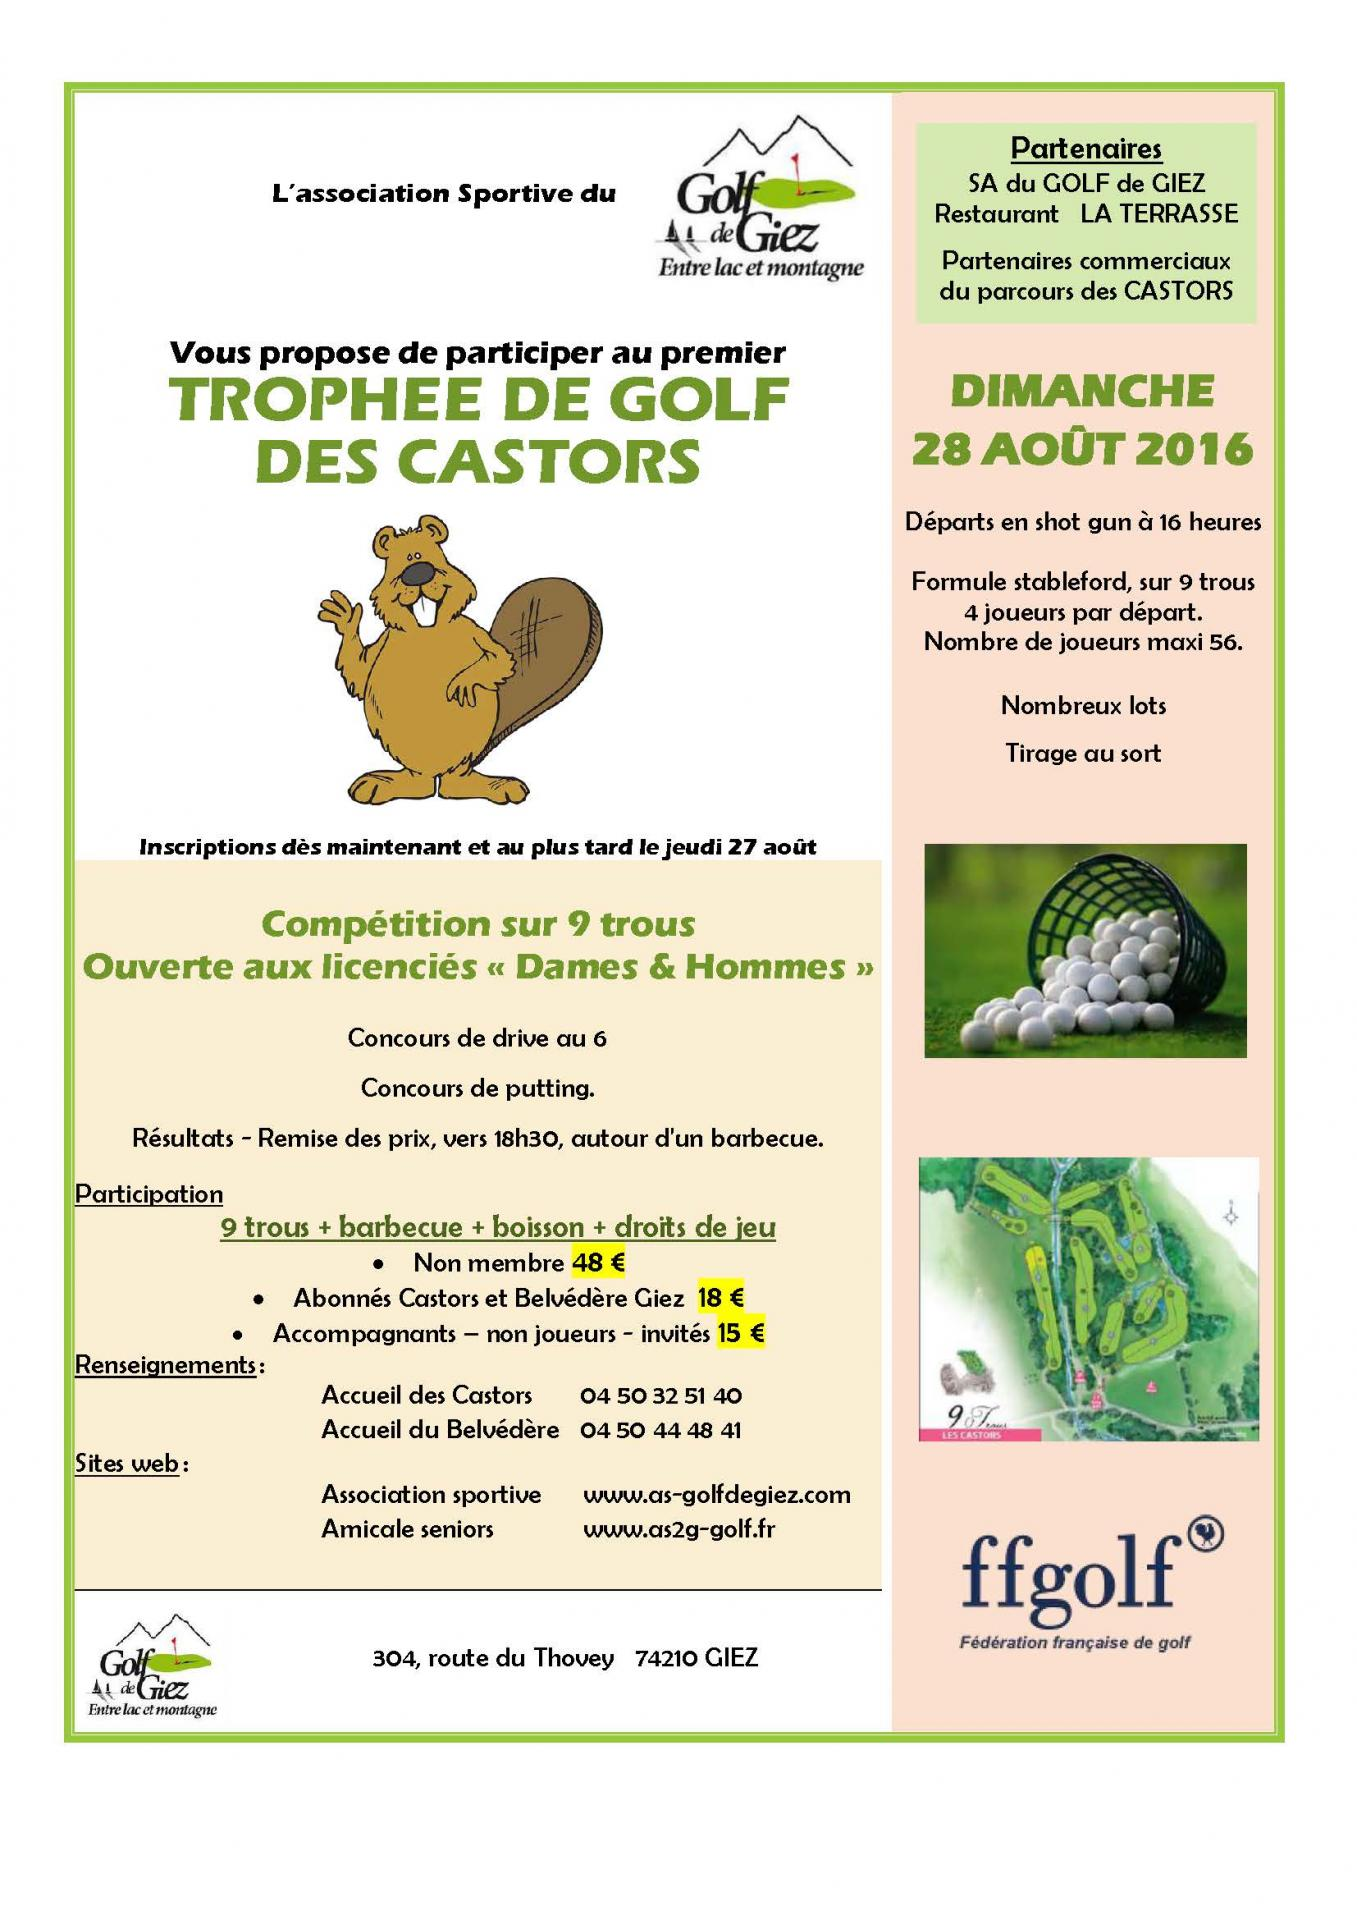 Trophée des castors 2016